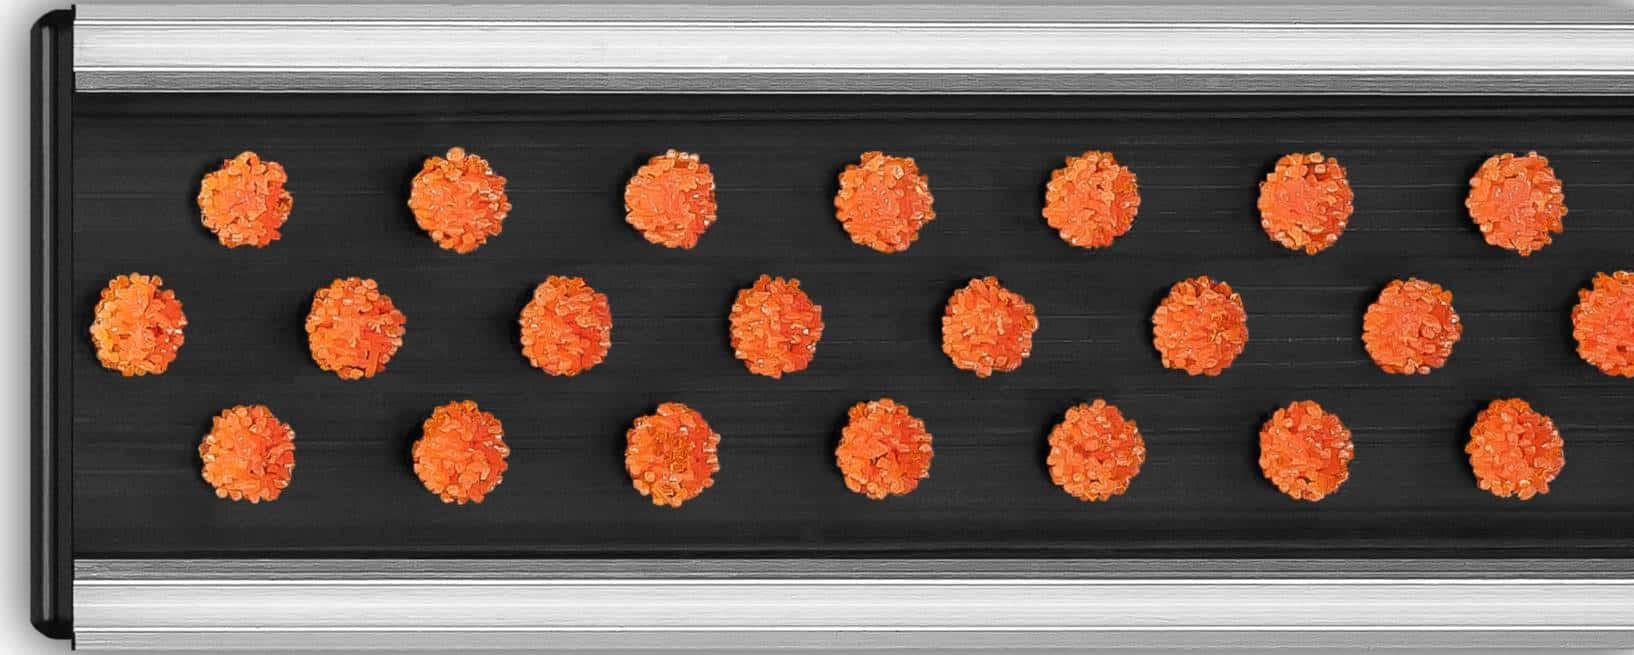 Wycieraczka aluminiowa-szczotkowa_pomarańczowa